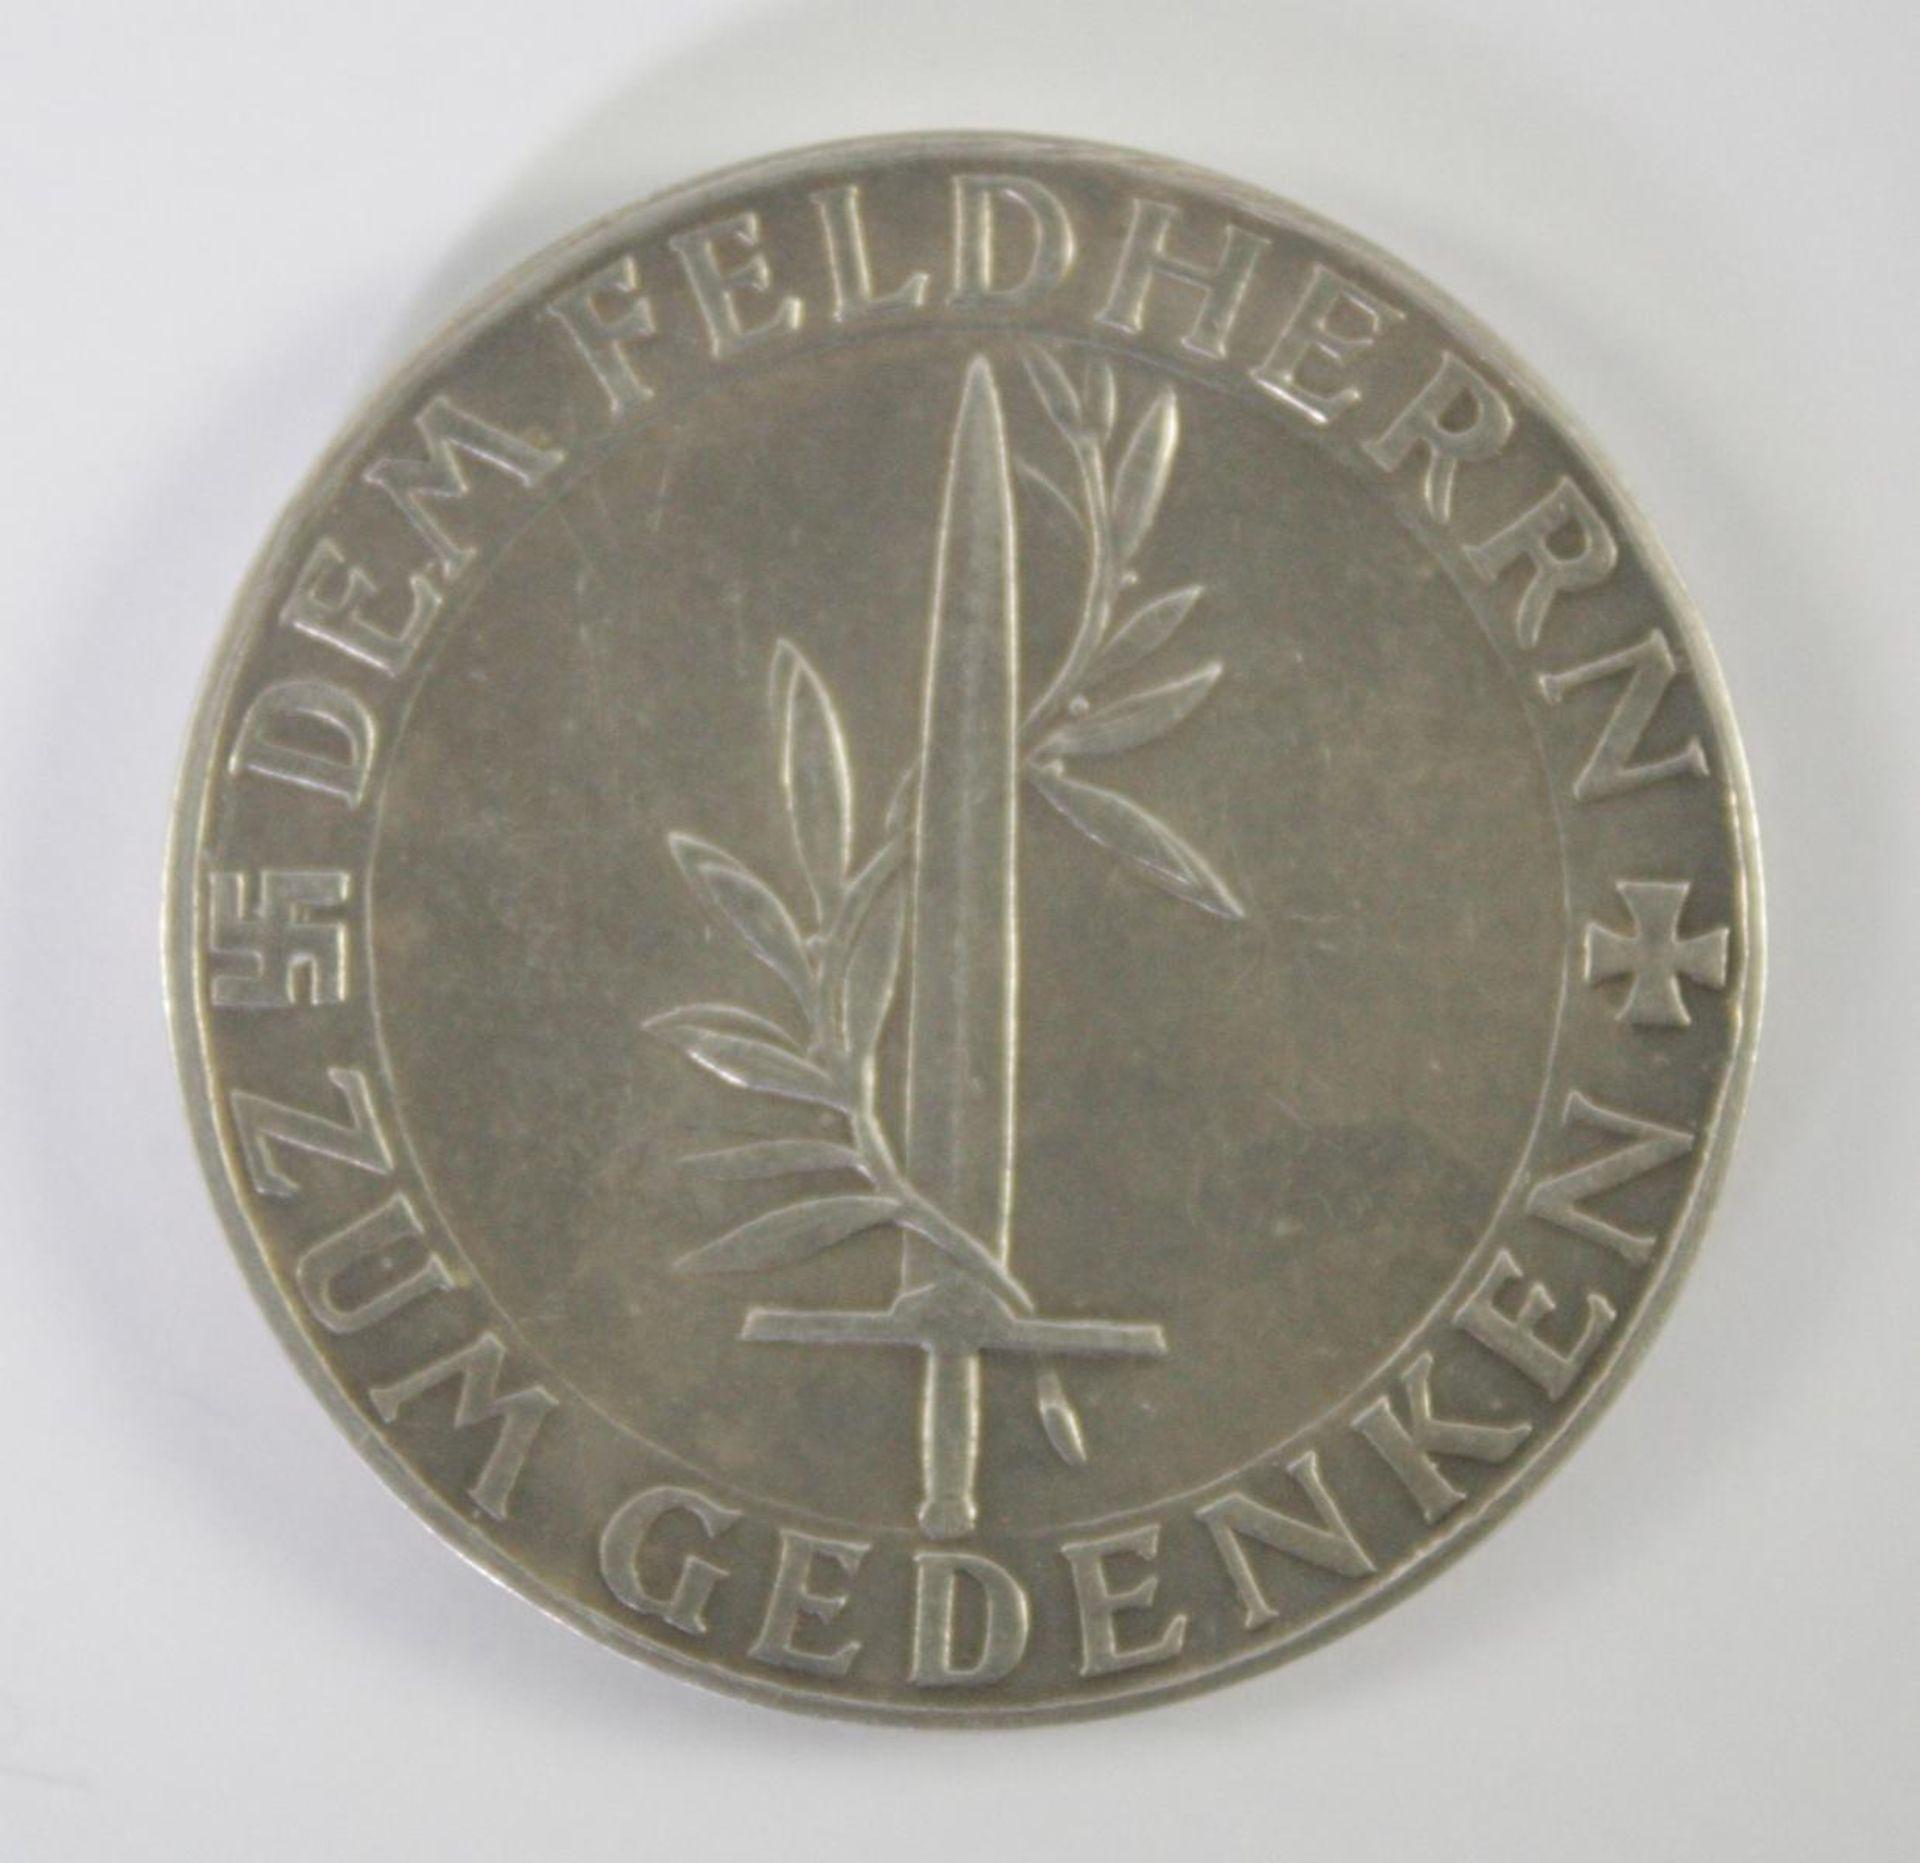 Silbermedaille, Erich Ludendorff 1865-1937 - Bild 2 aus 2